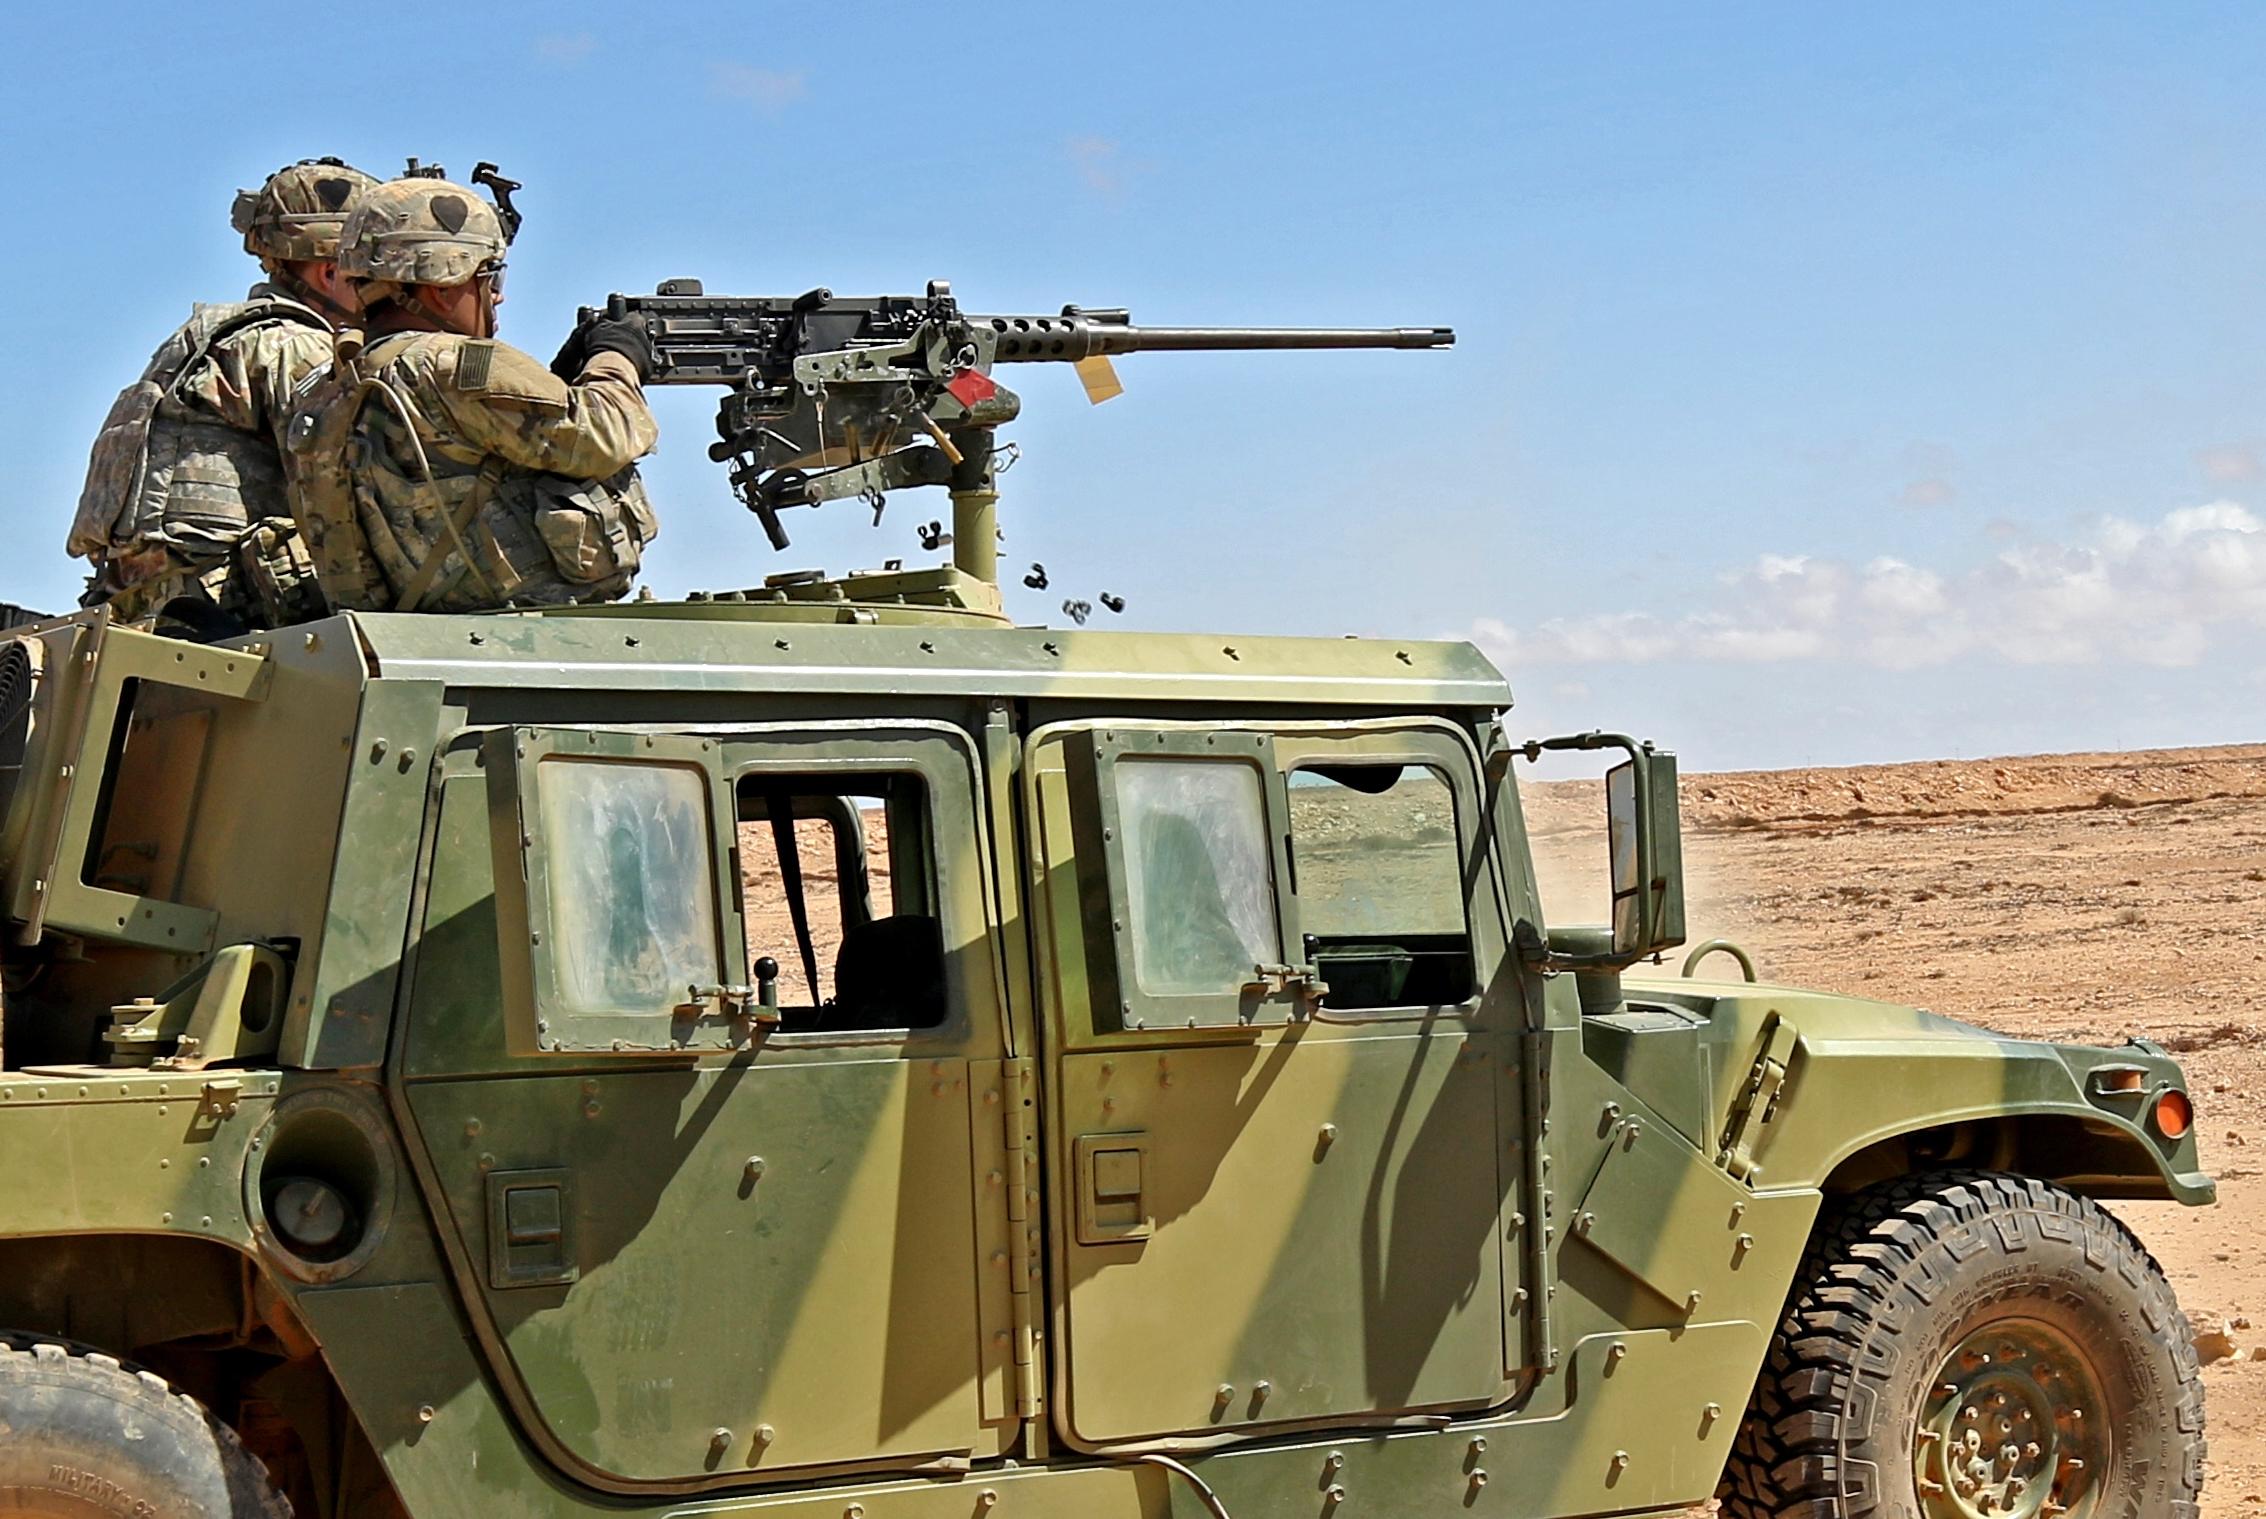 HMMWV et HMMWV Marine Armor Kit (MAK)  - Page 5 49249788343_c8f23398fb_o